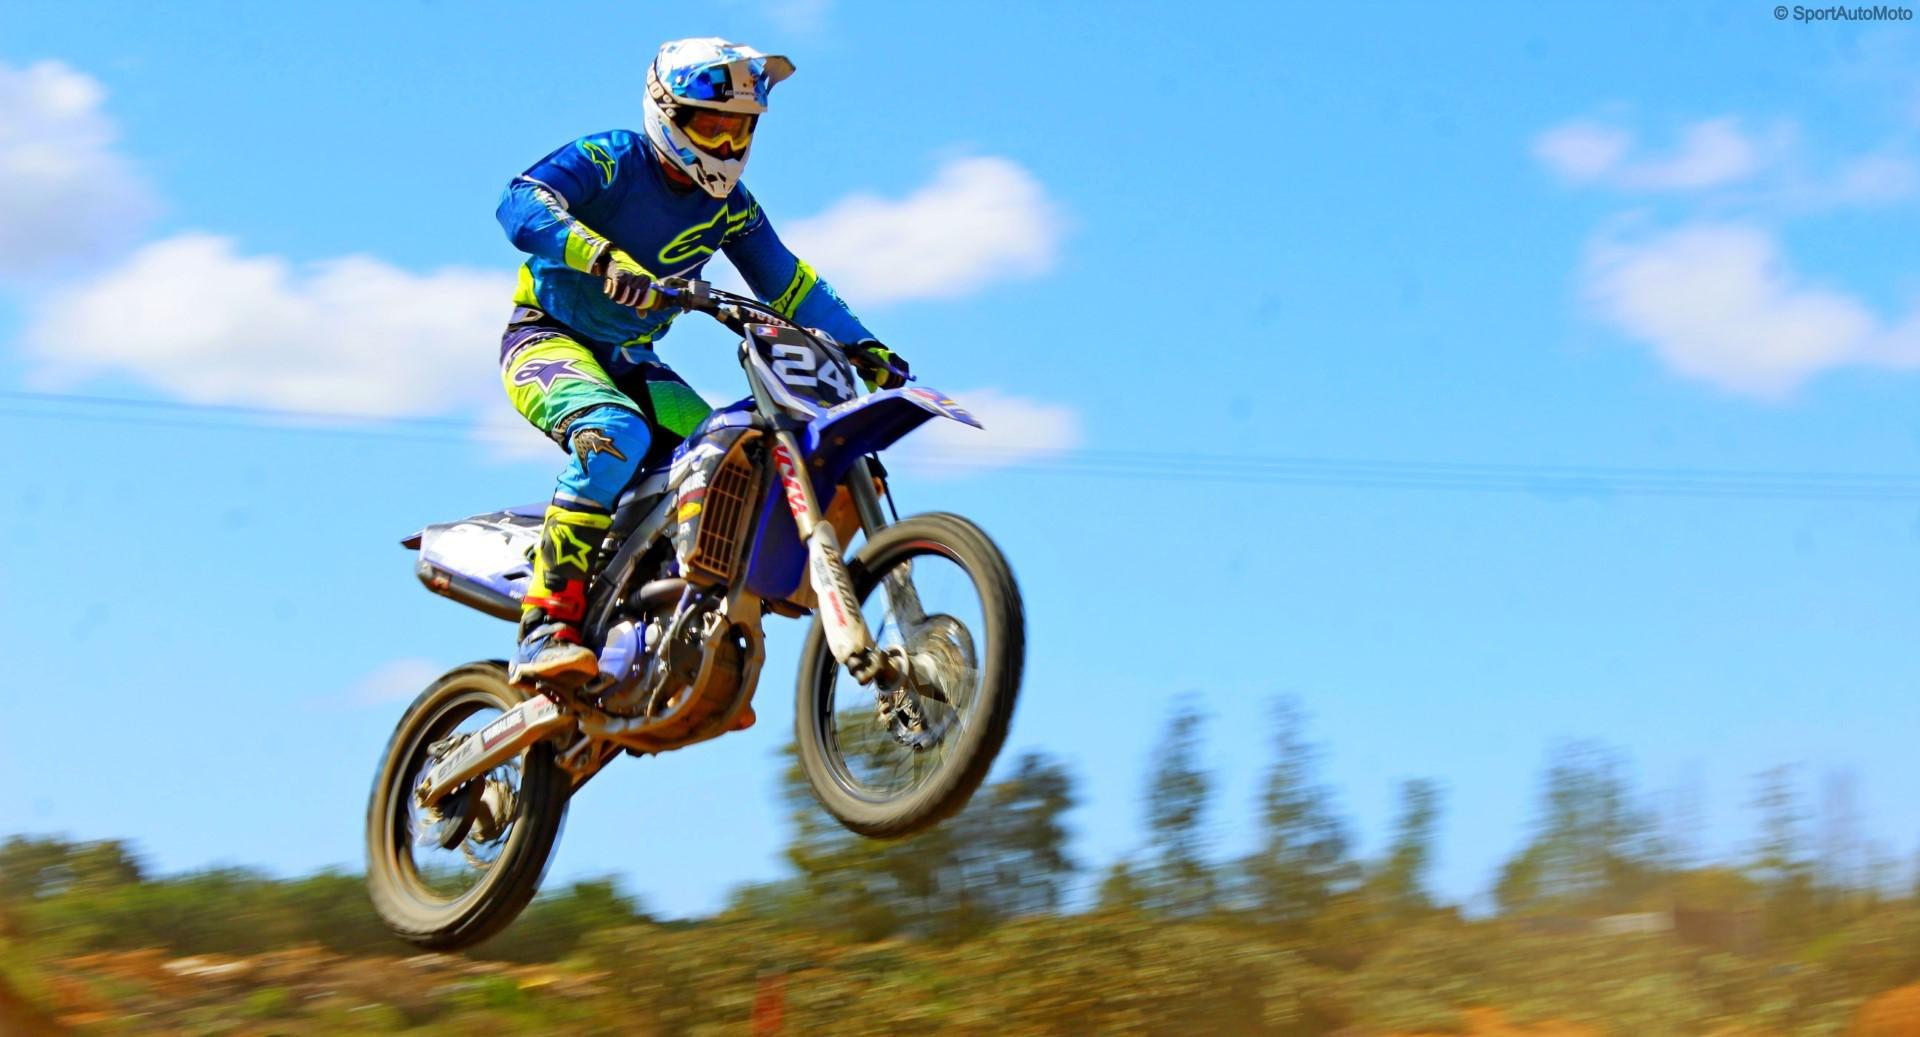 championnat-du-maroc-de-motocross-kenitra-774-1-1.jpg